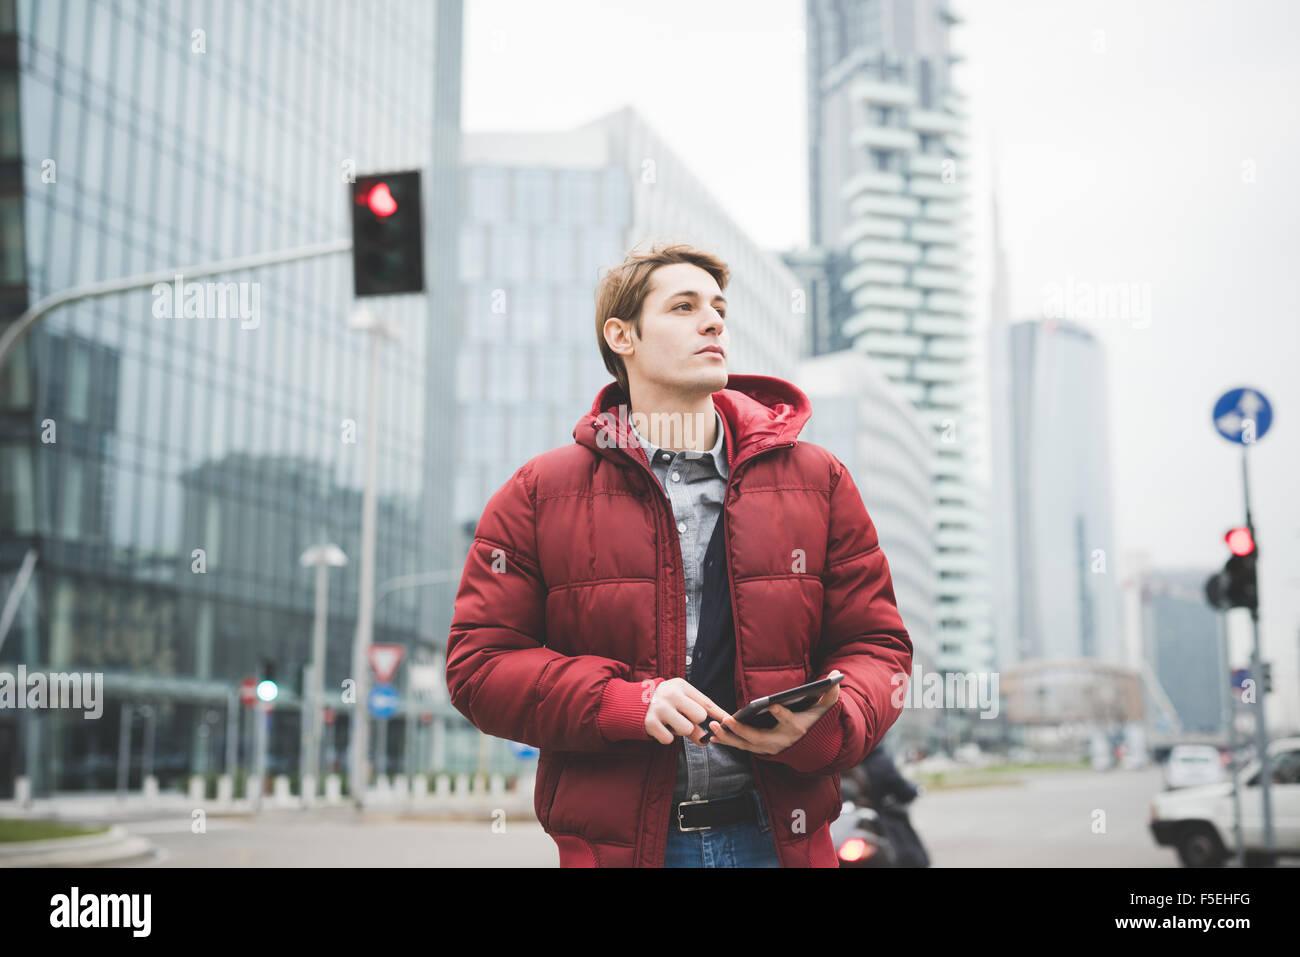 La moitié de la longueur d'un jeune beau caucasian businessman walking contemporain à travers la ville Photo Stock